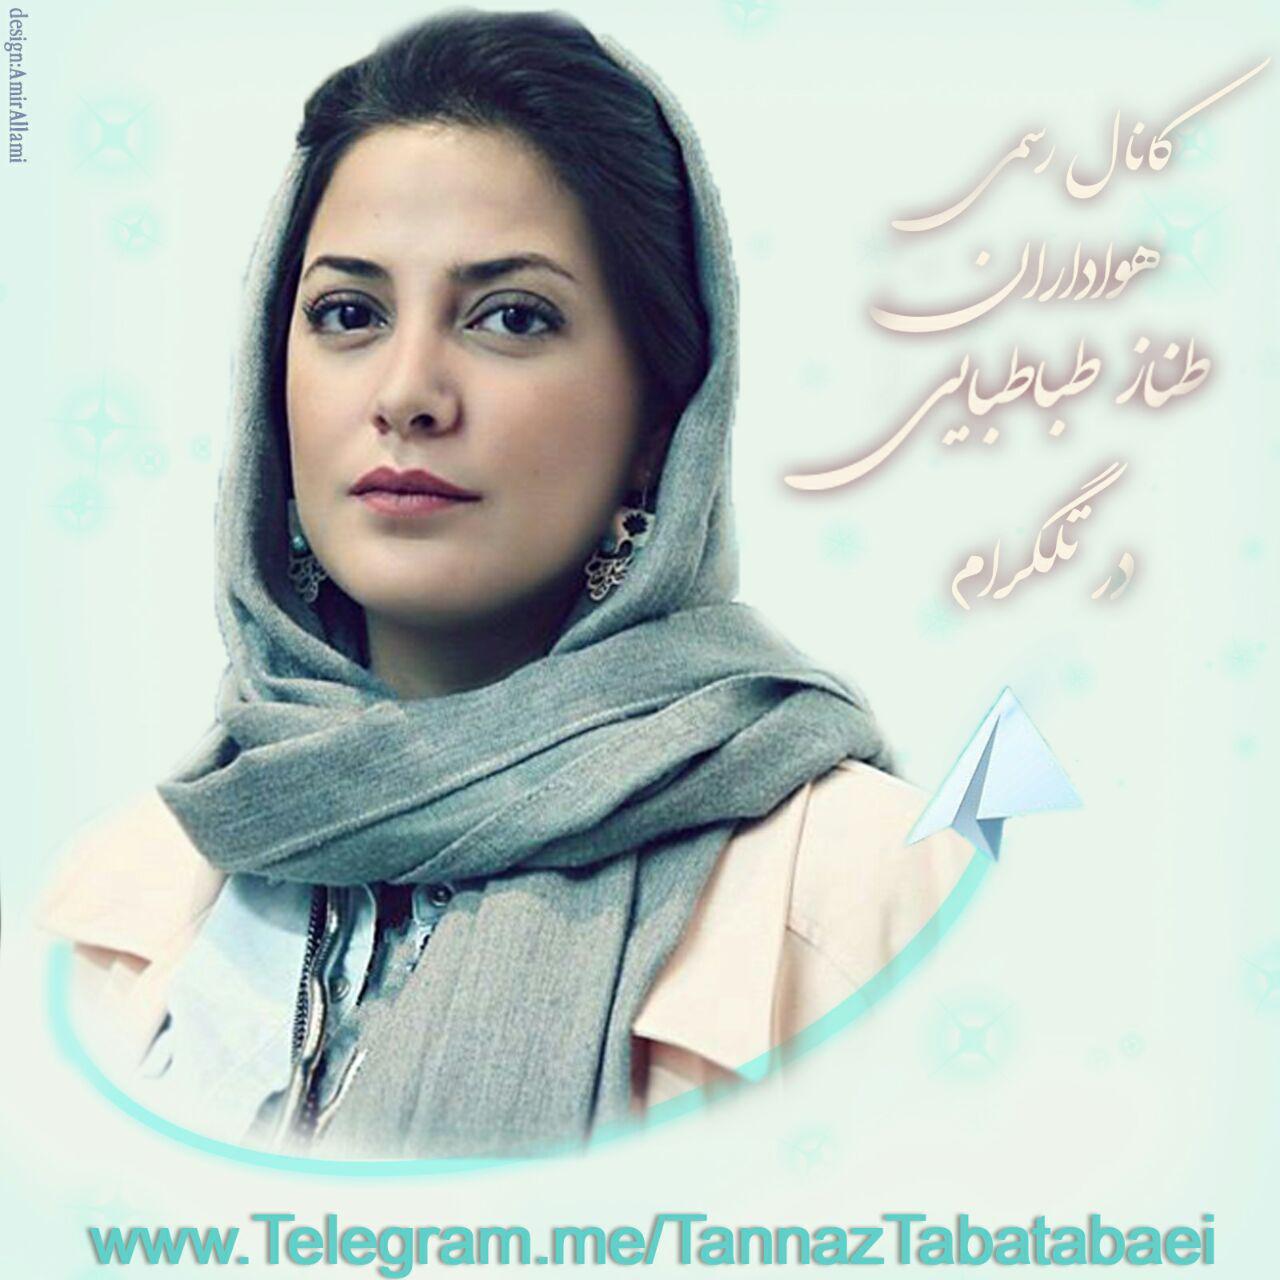 کانال تلگرام هومن نامور سایت هواداران طناز طباطبایی - مطالب ابر tannaz tabatabaei